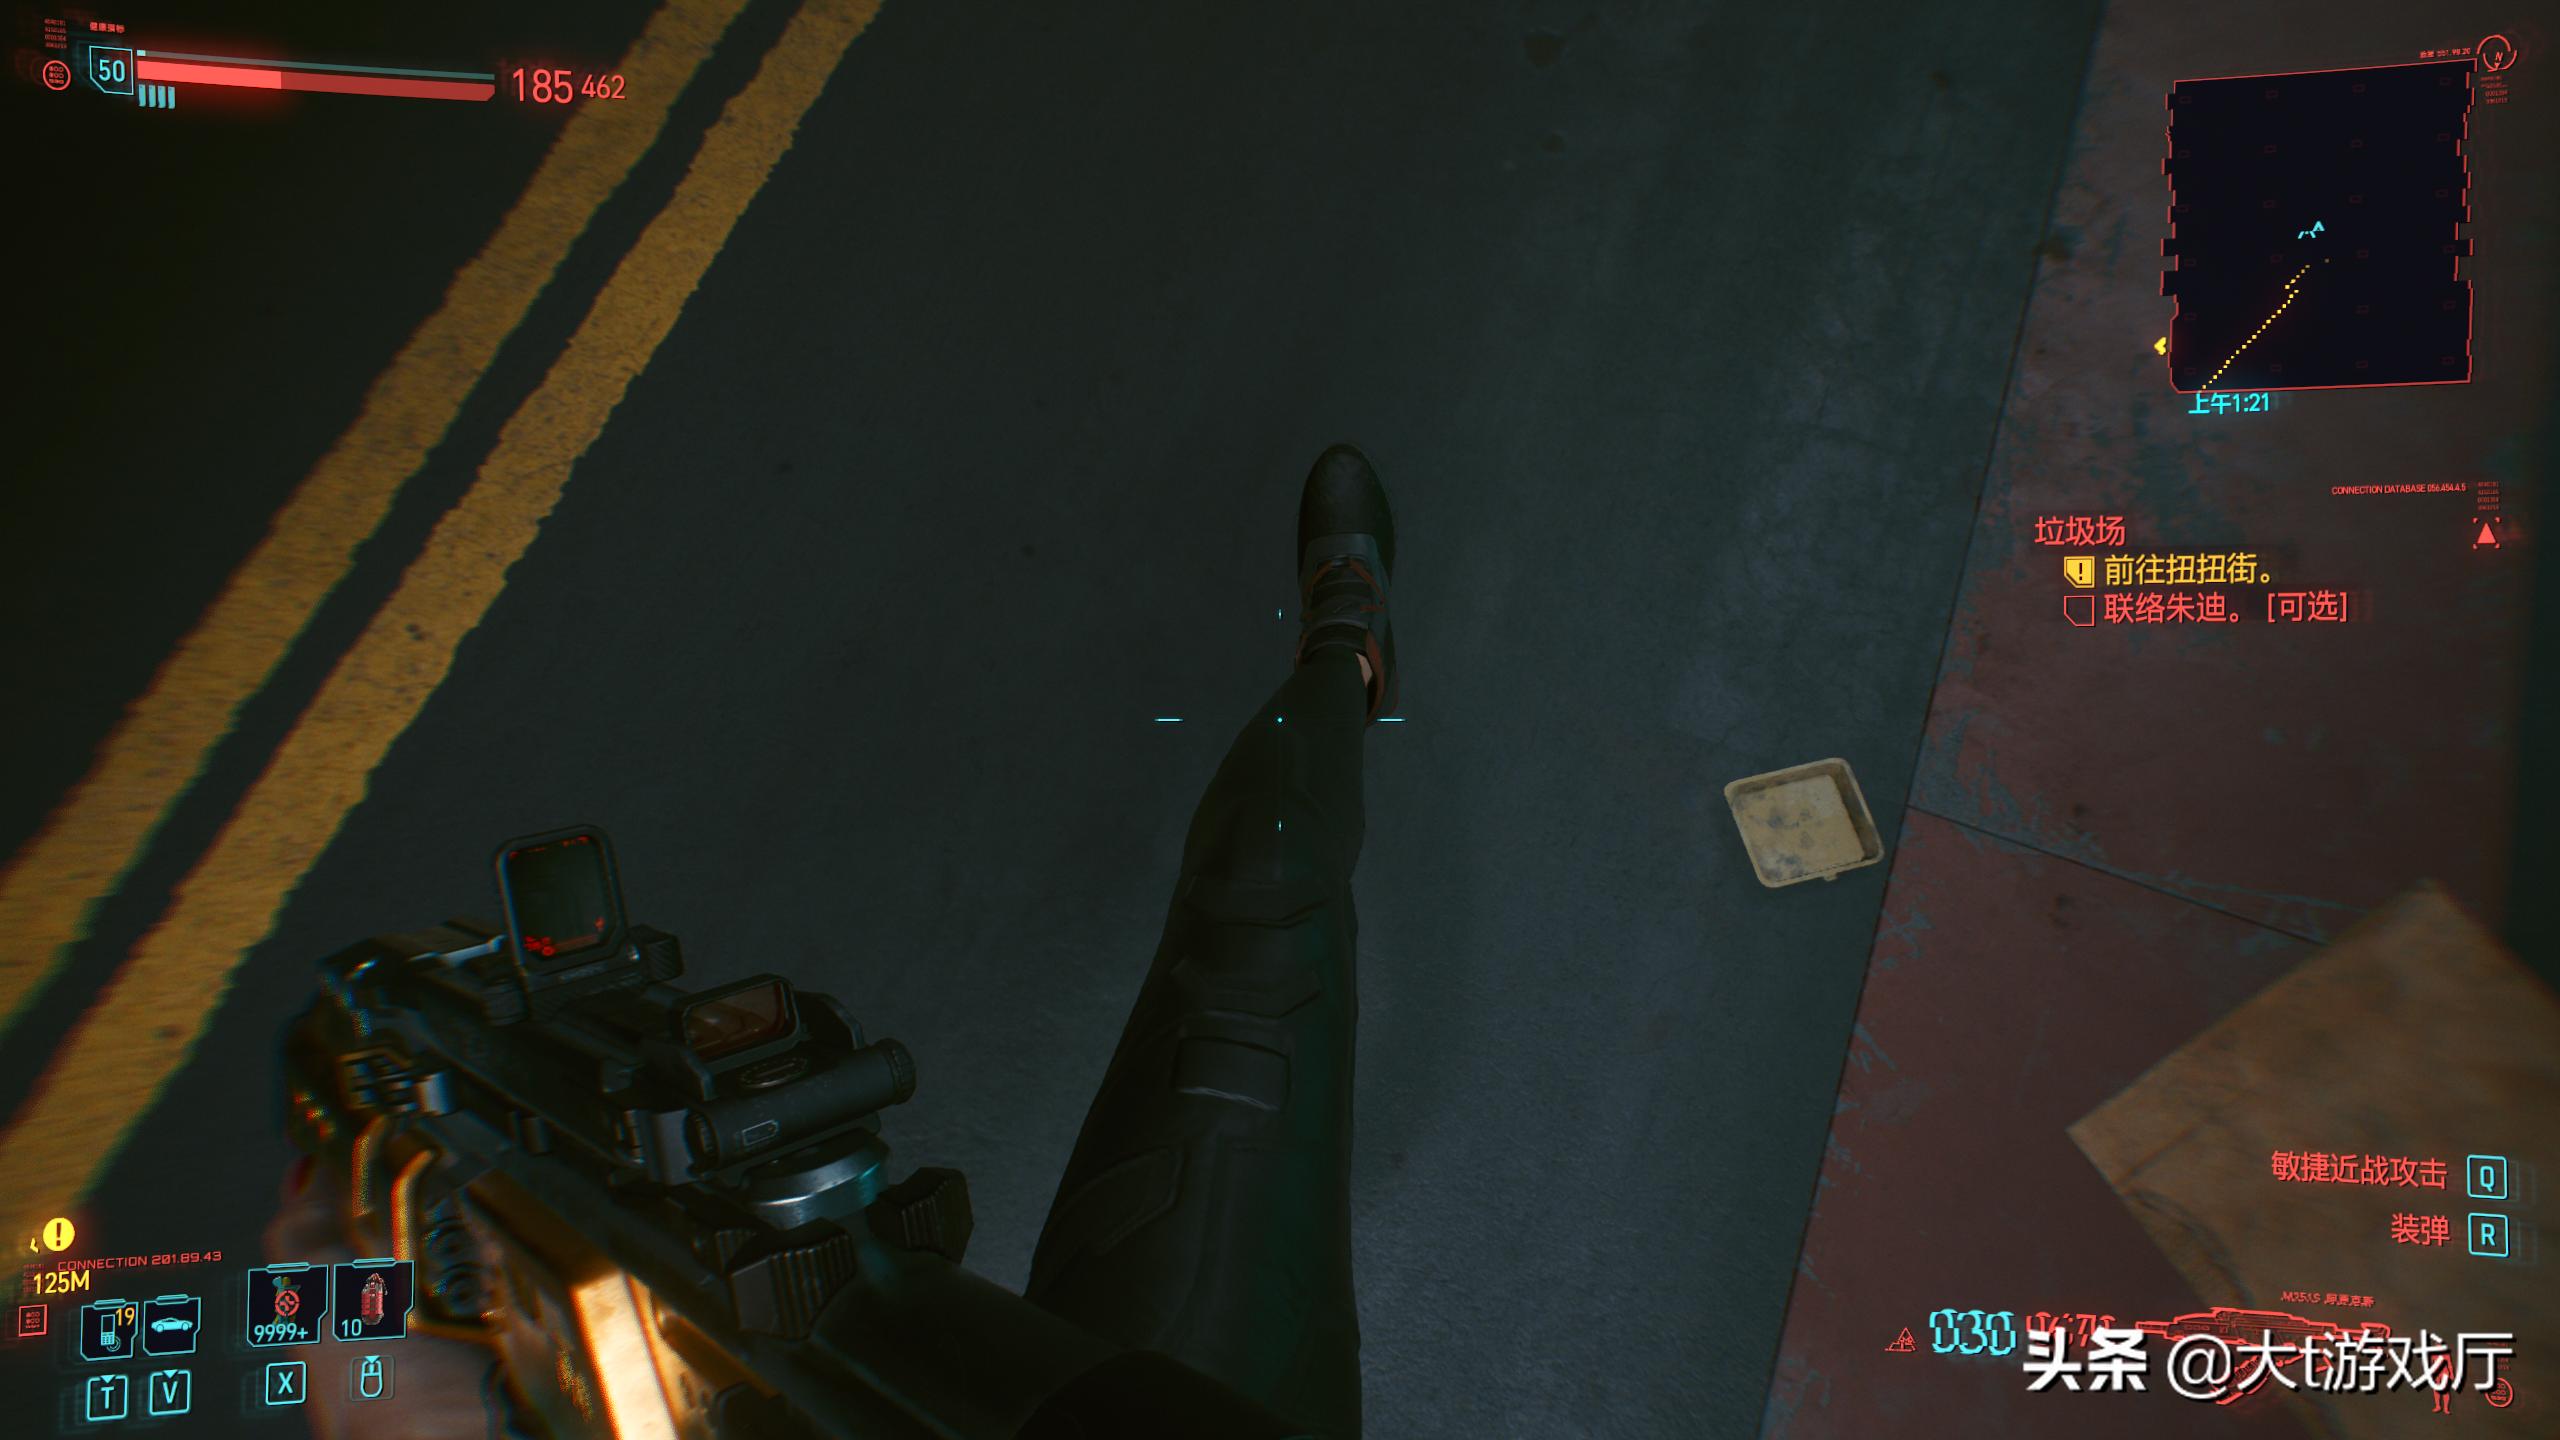 FPS射击游戏与TPS射击游戏的区别在哪?